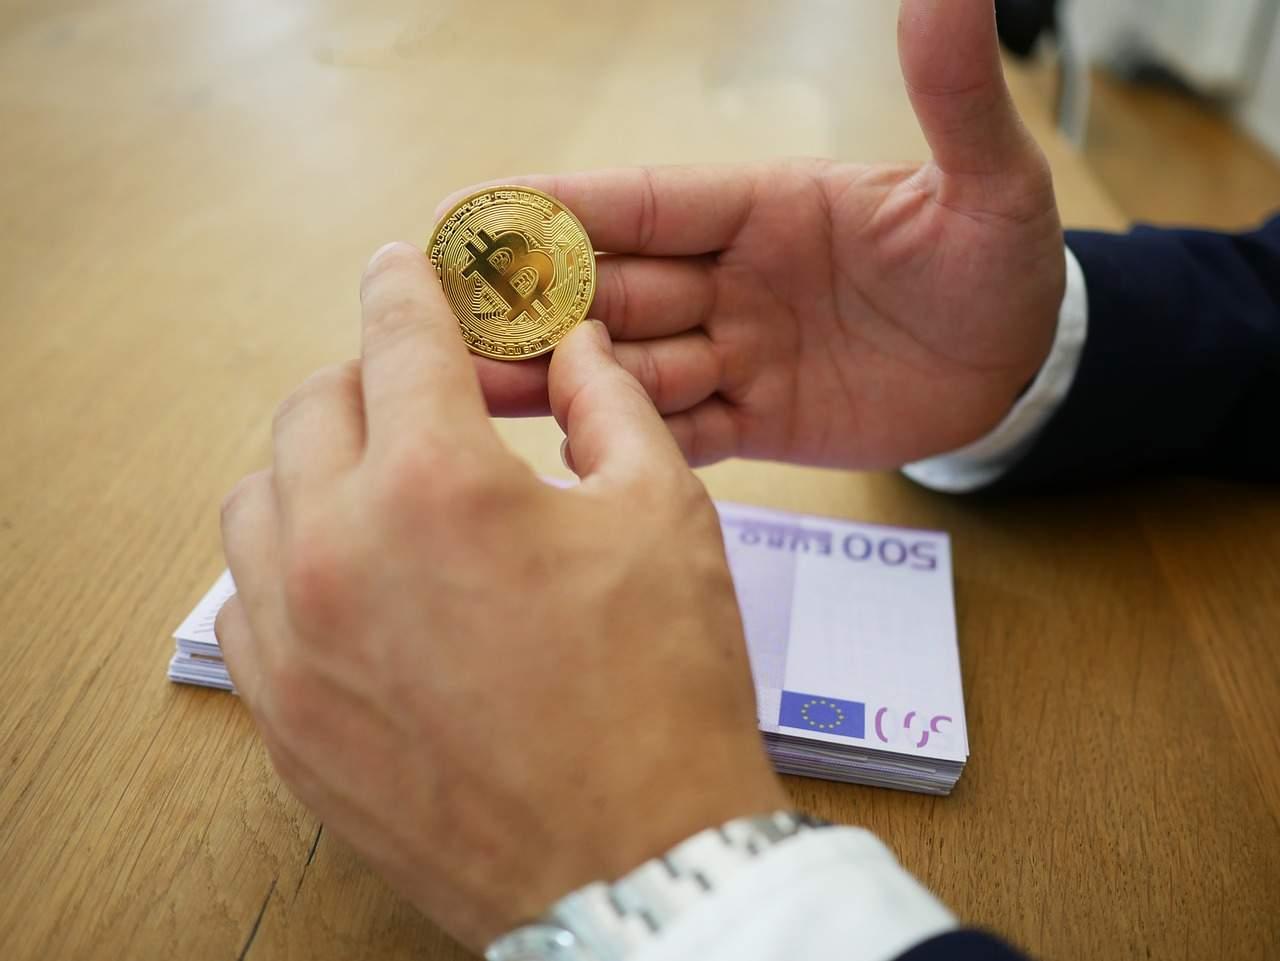 Bitcoin-Preis durchbricht 7.300 Dollar – Analyst sieht bald 13.800 Dollar